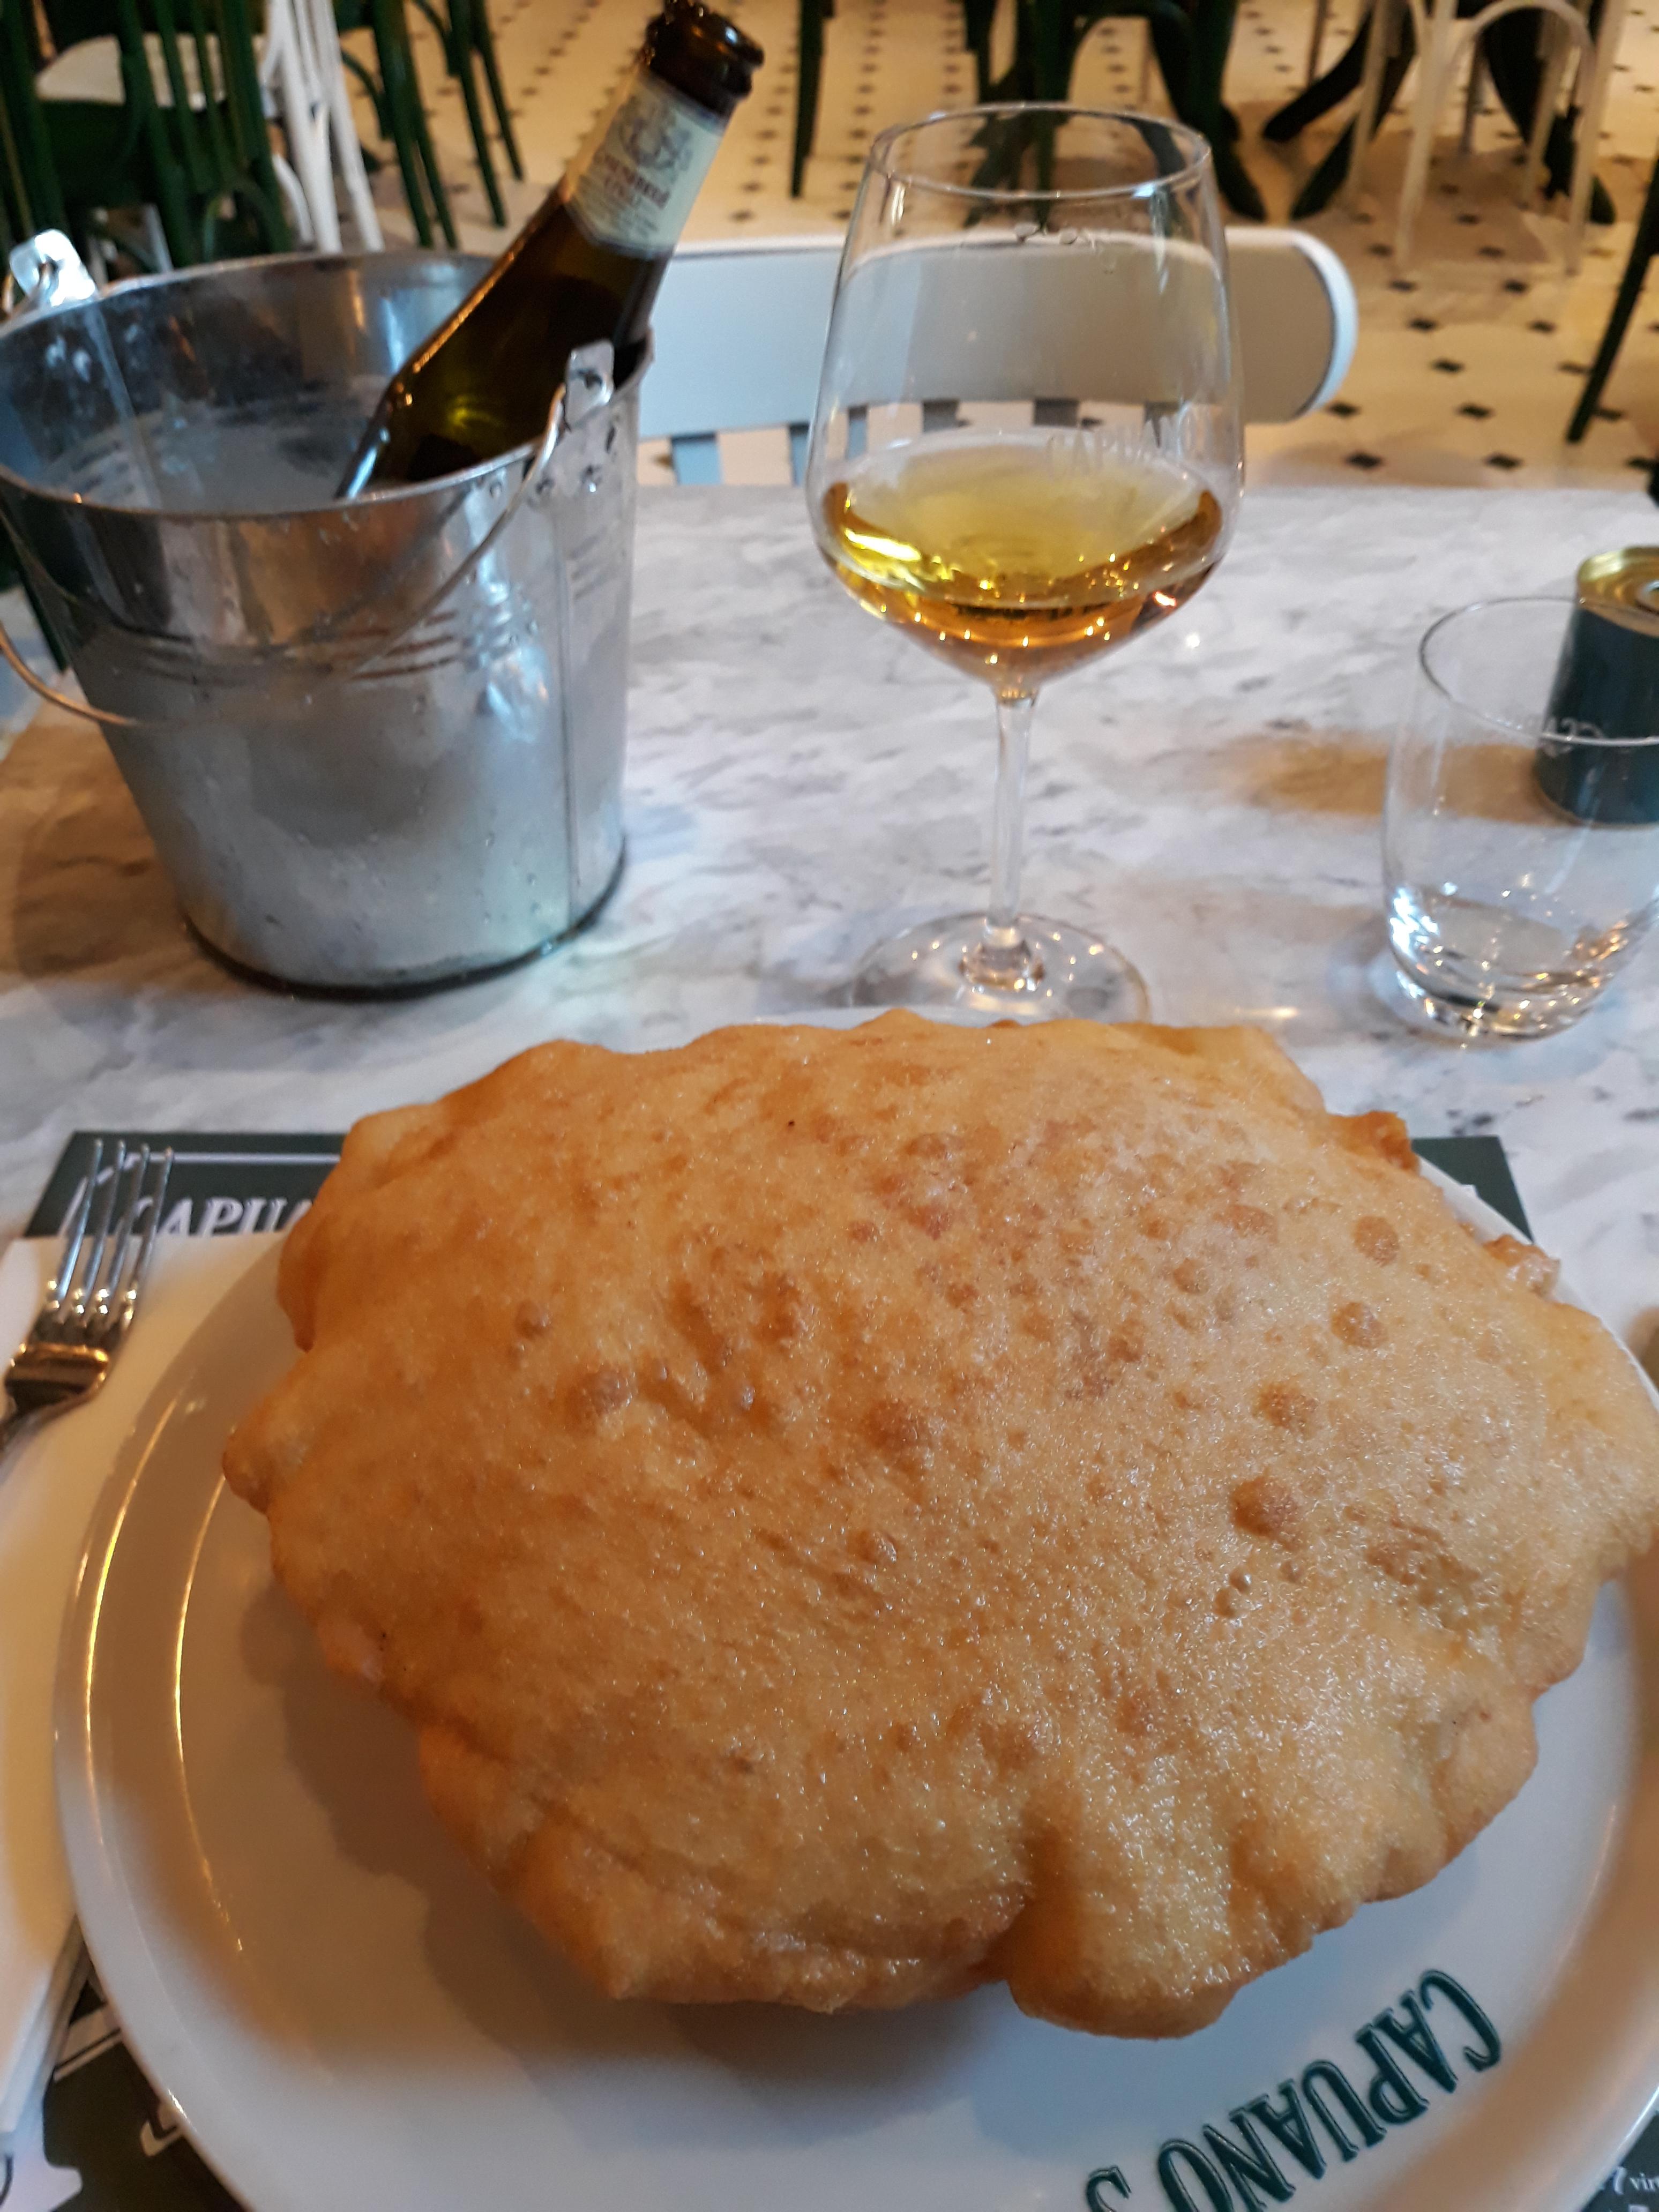 L'Antica, la pizza fritta di Capuano's